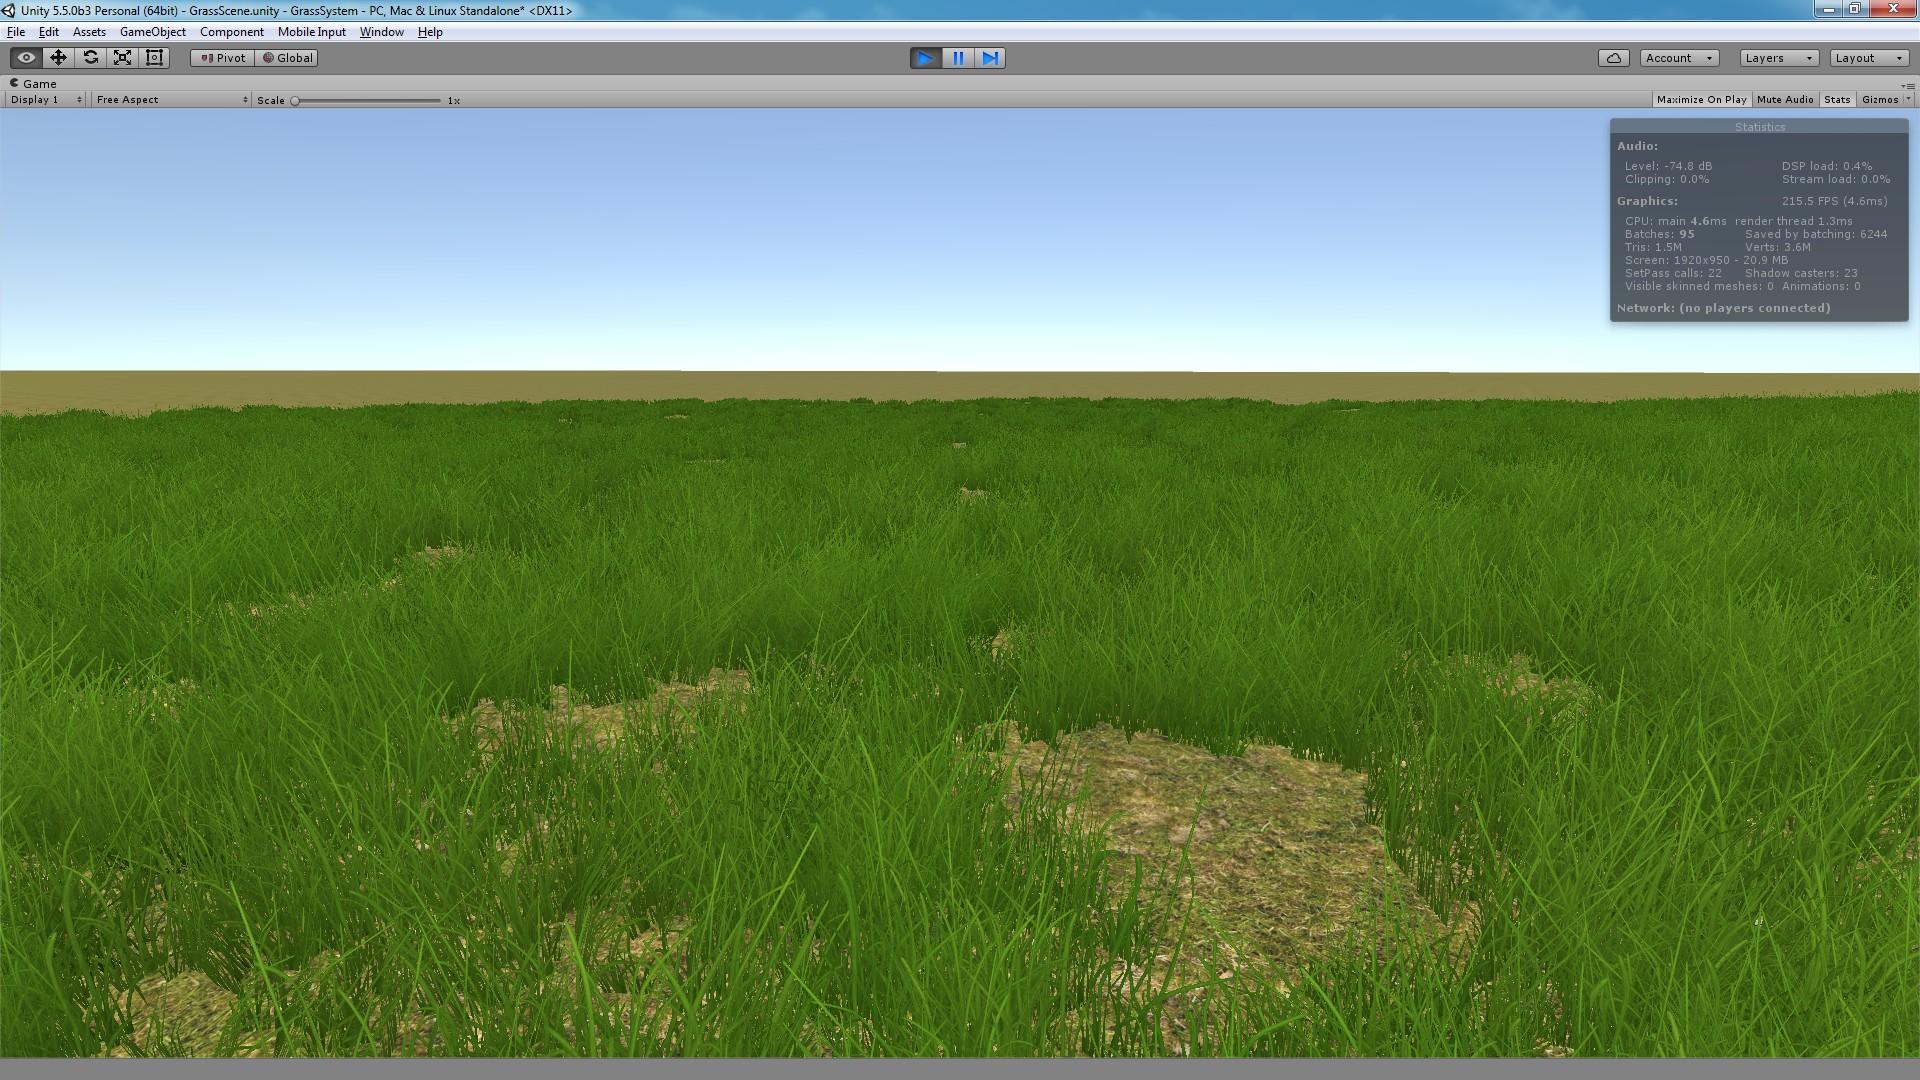 Grass_50M.jpg